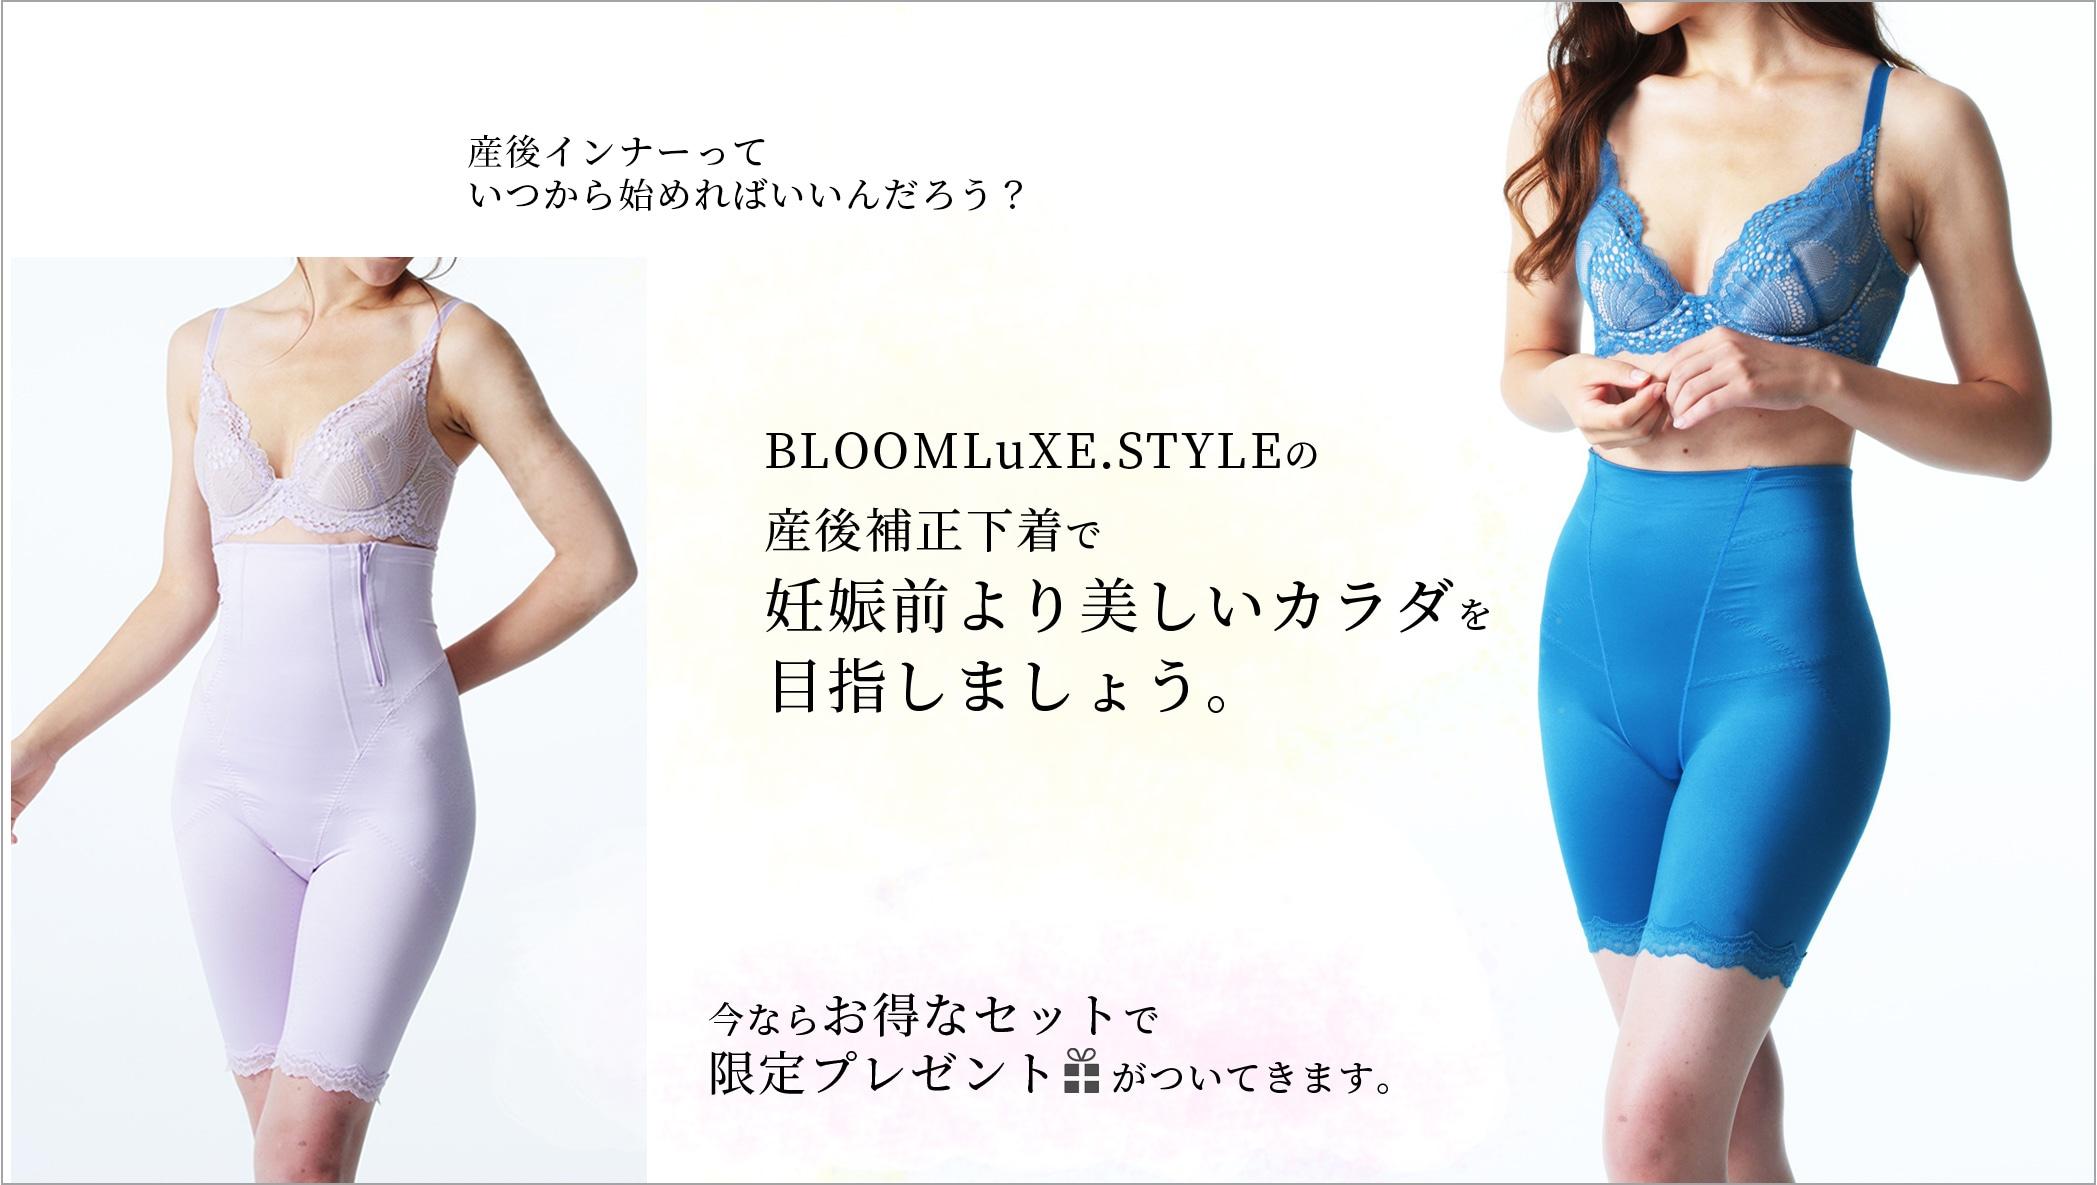 BLOOMLuXE.STYLEの産後補正下着で妊娠前より美しいカラダを目指しましょう。|ブルームリュクススタイルの純日本製補正下着